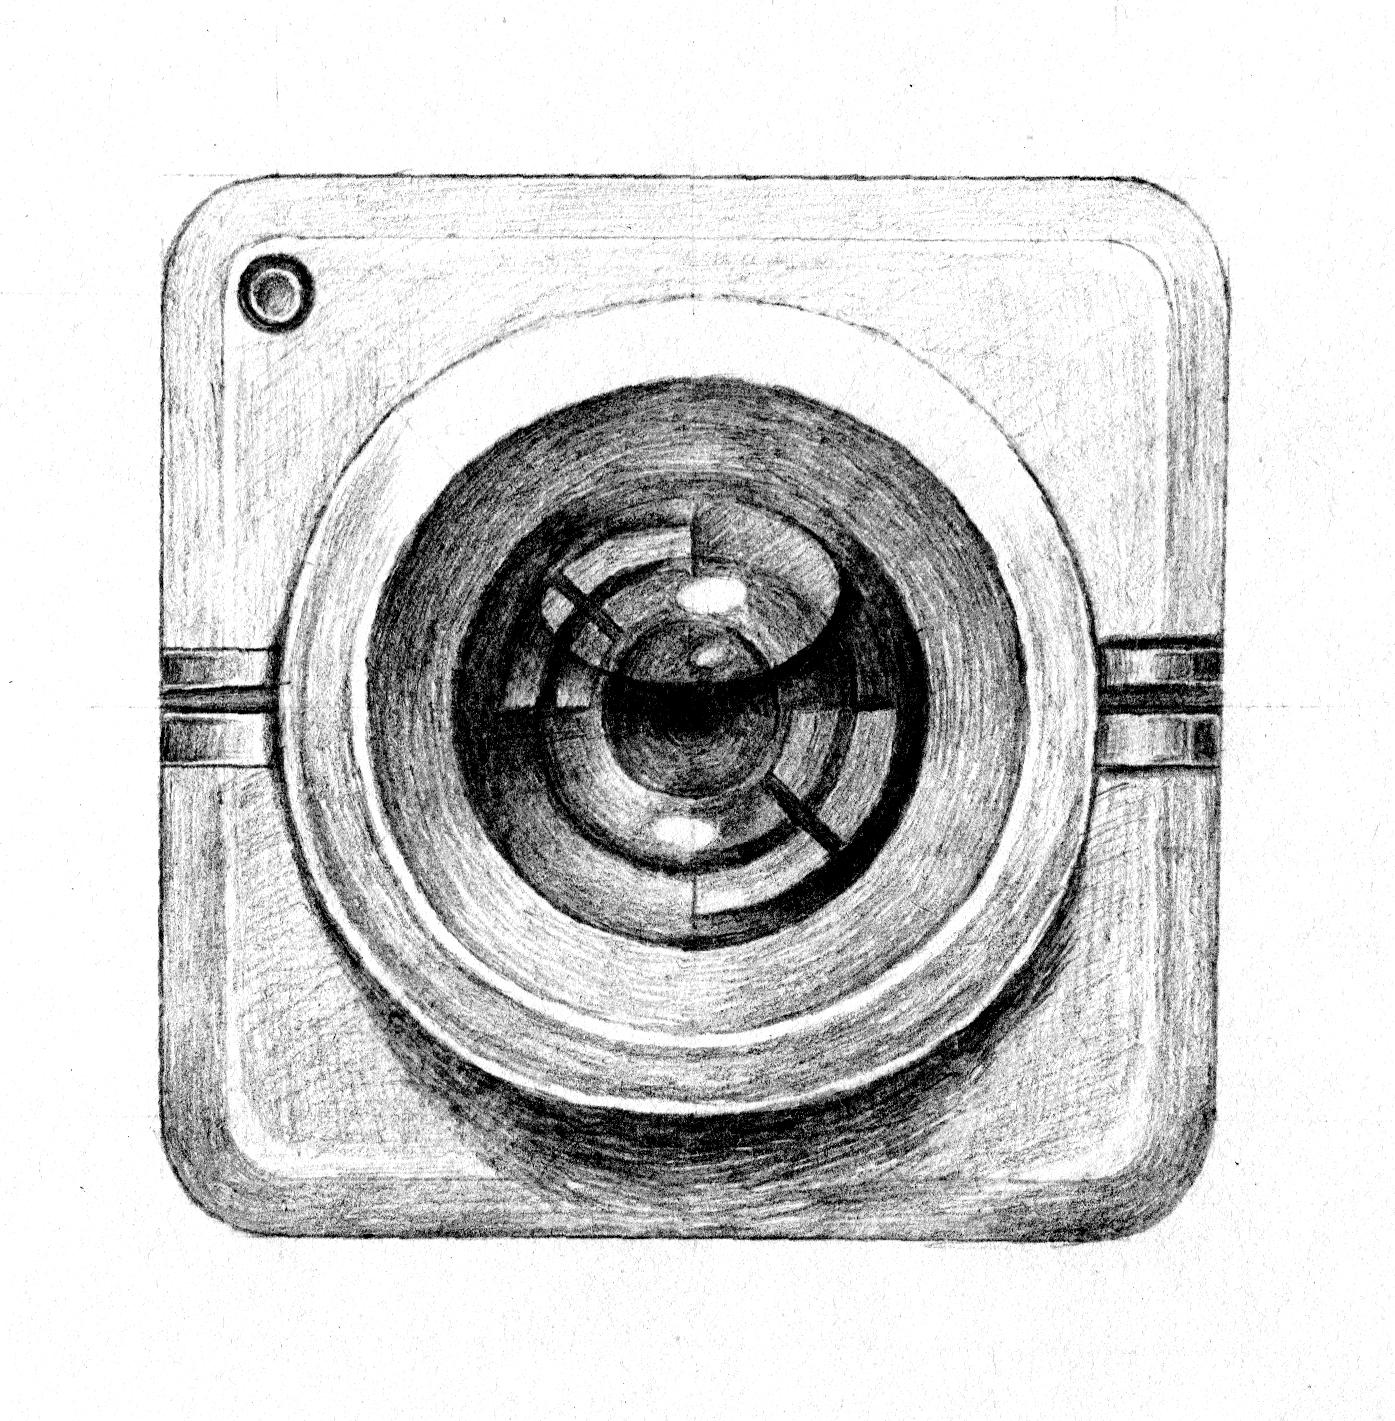 手绘:相机图标